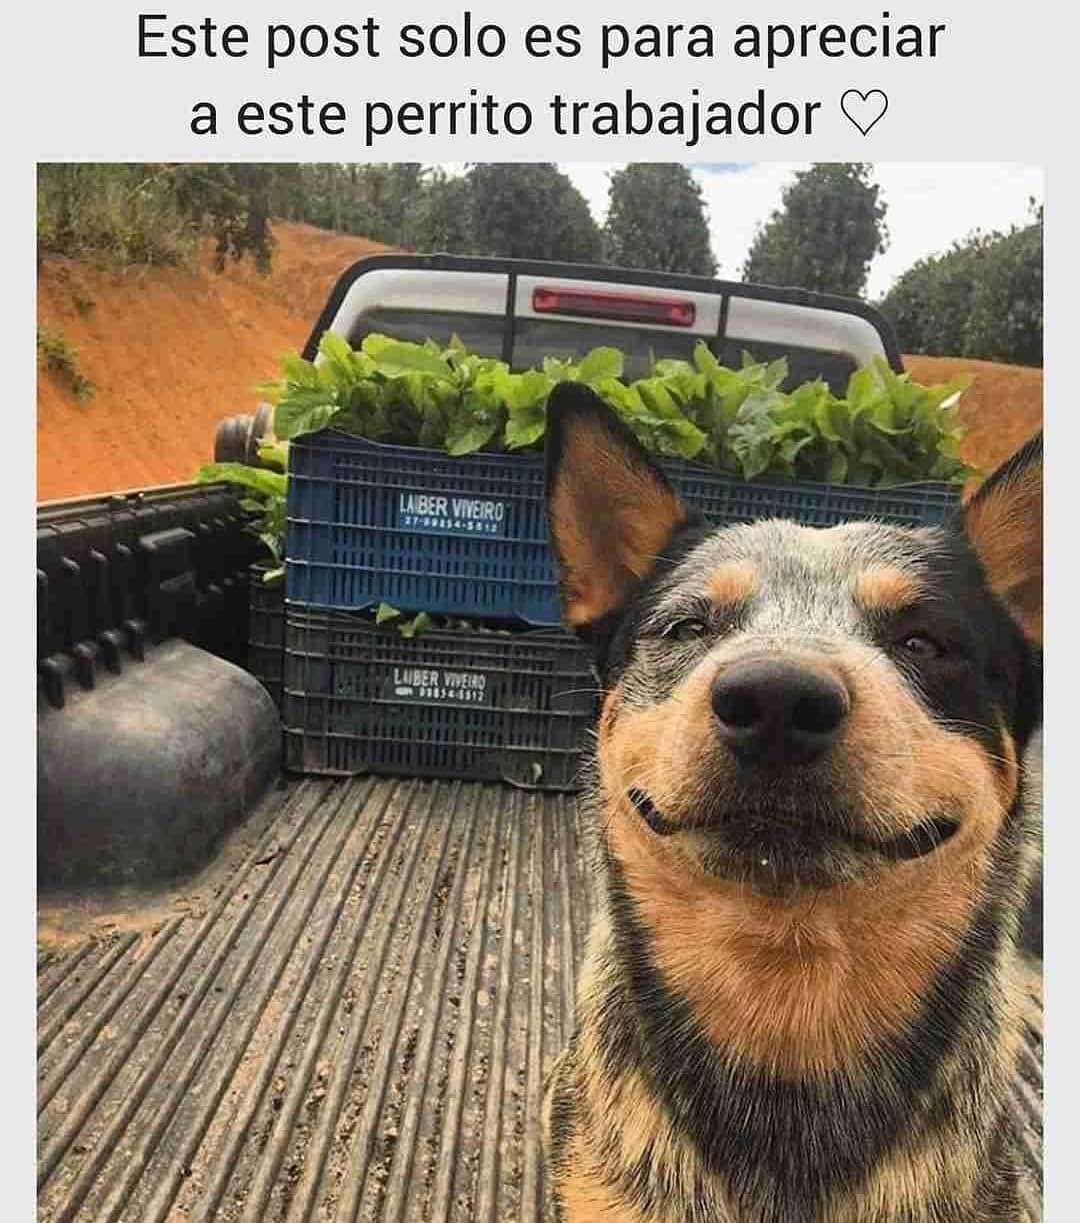 Este post solo es para apreciar a este perrito trabajador.